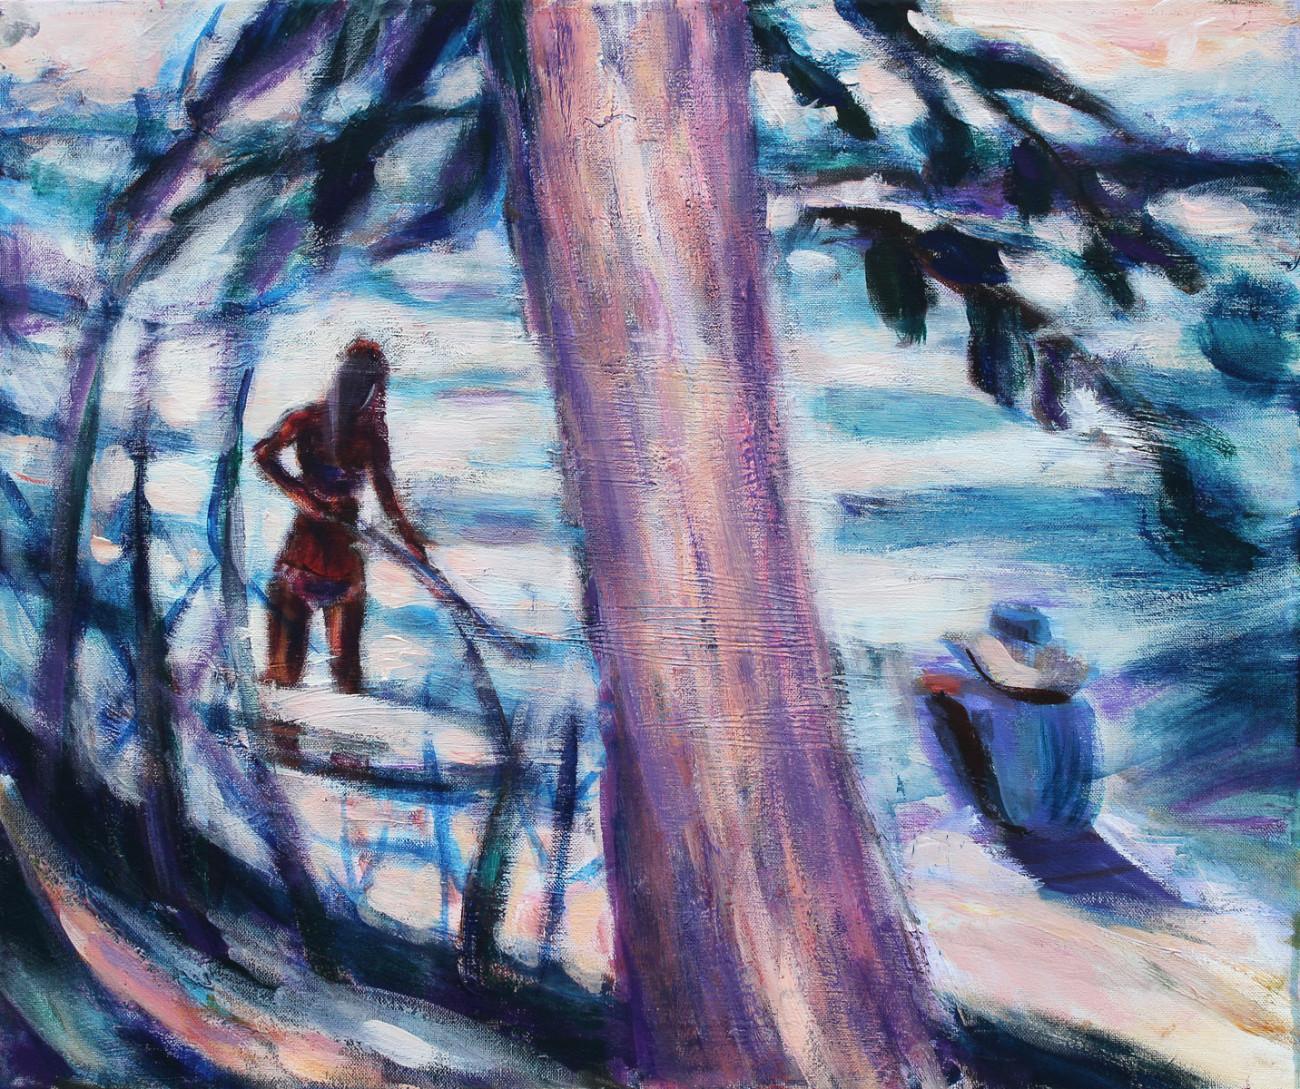 Nad wodą - obraz olejny na płótnie, ArsKinga - Kinga Pawełska